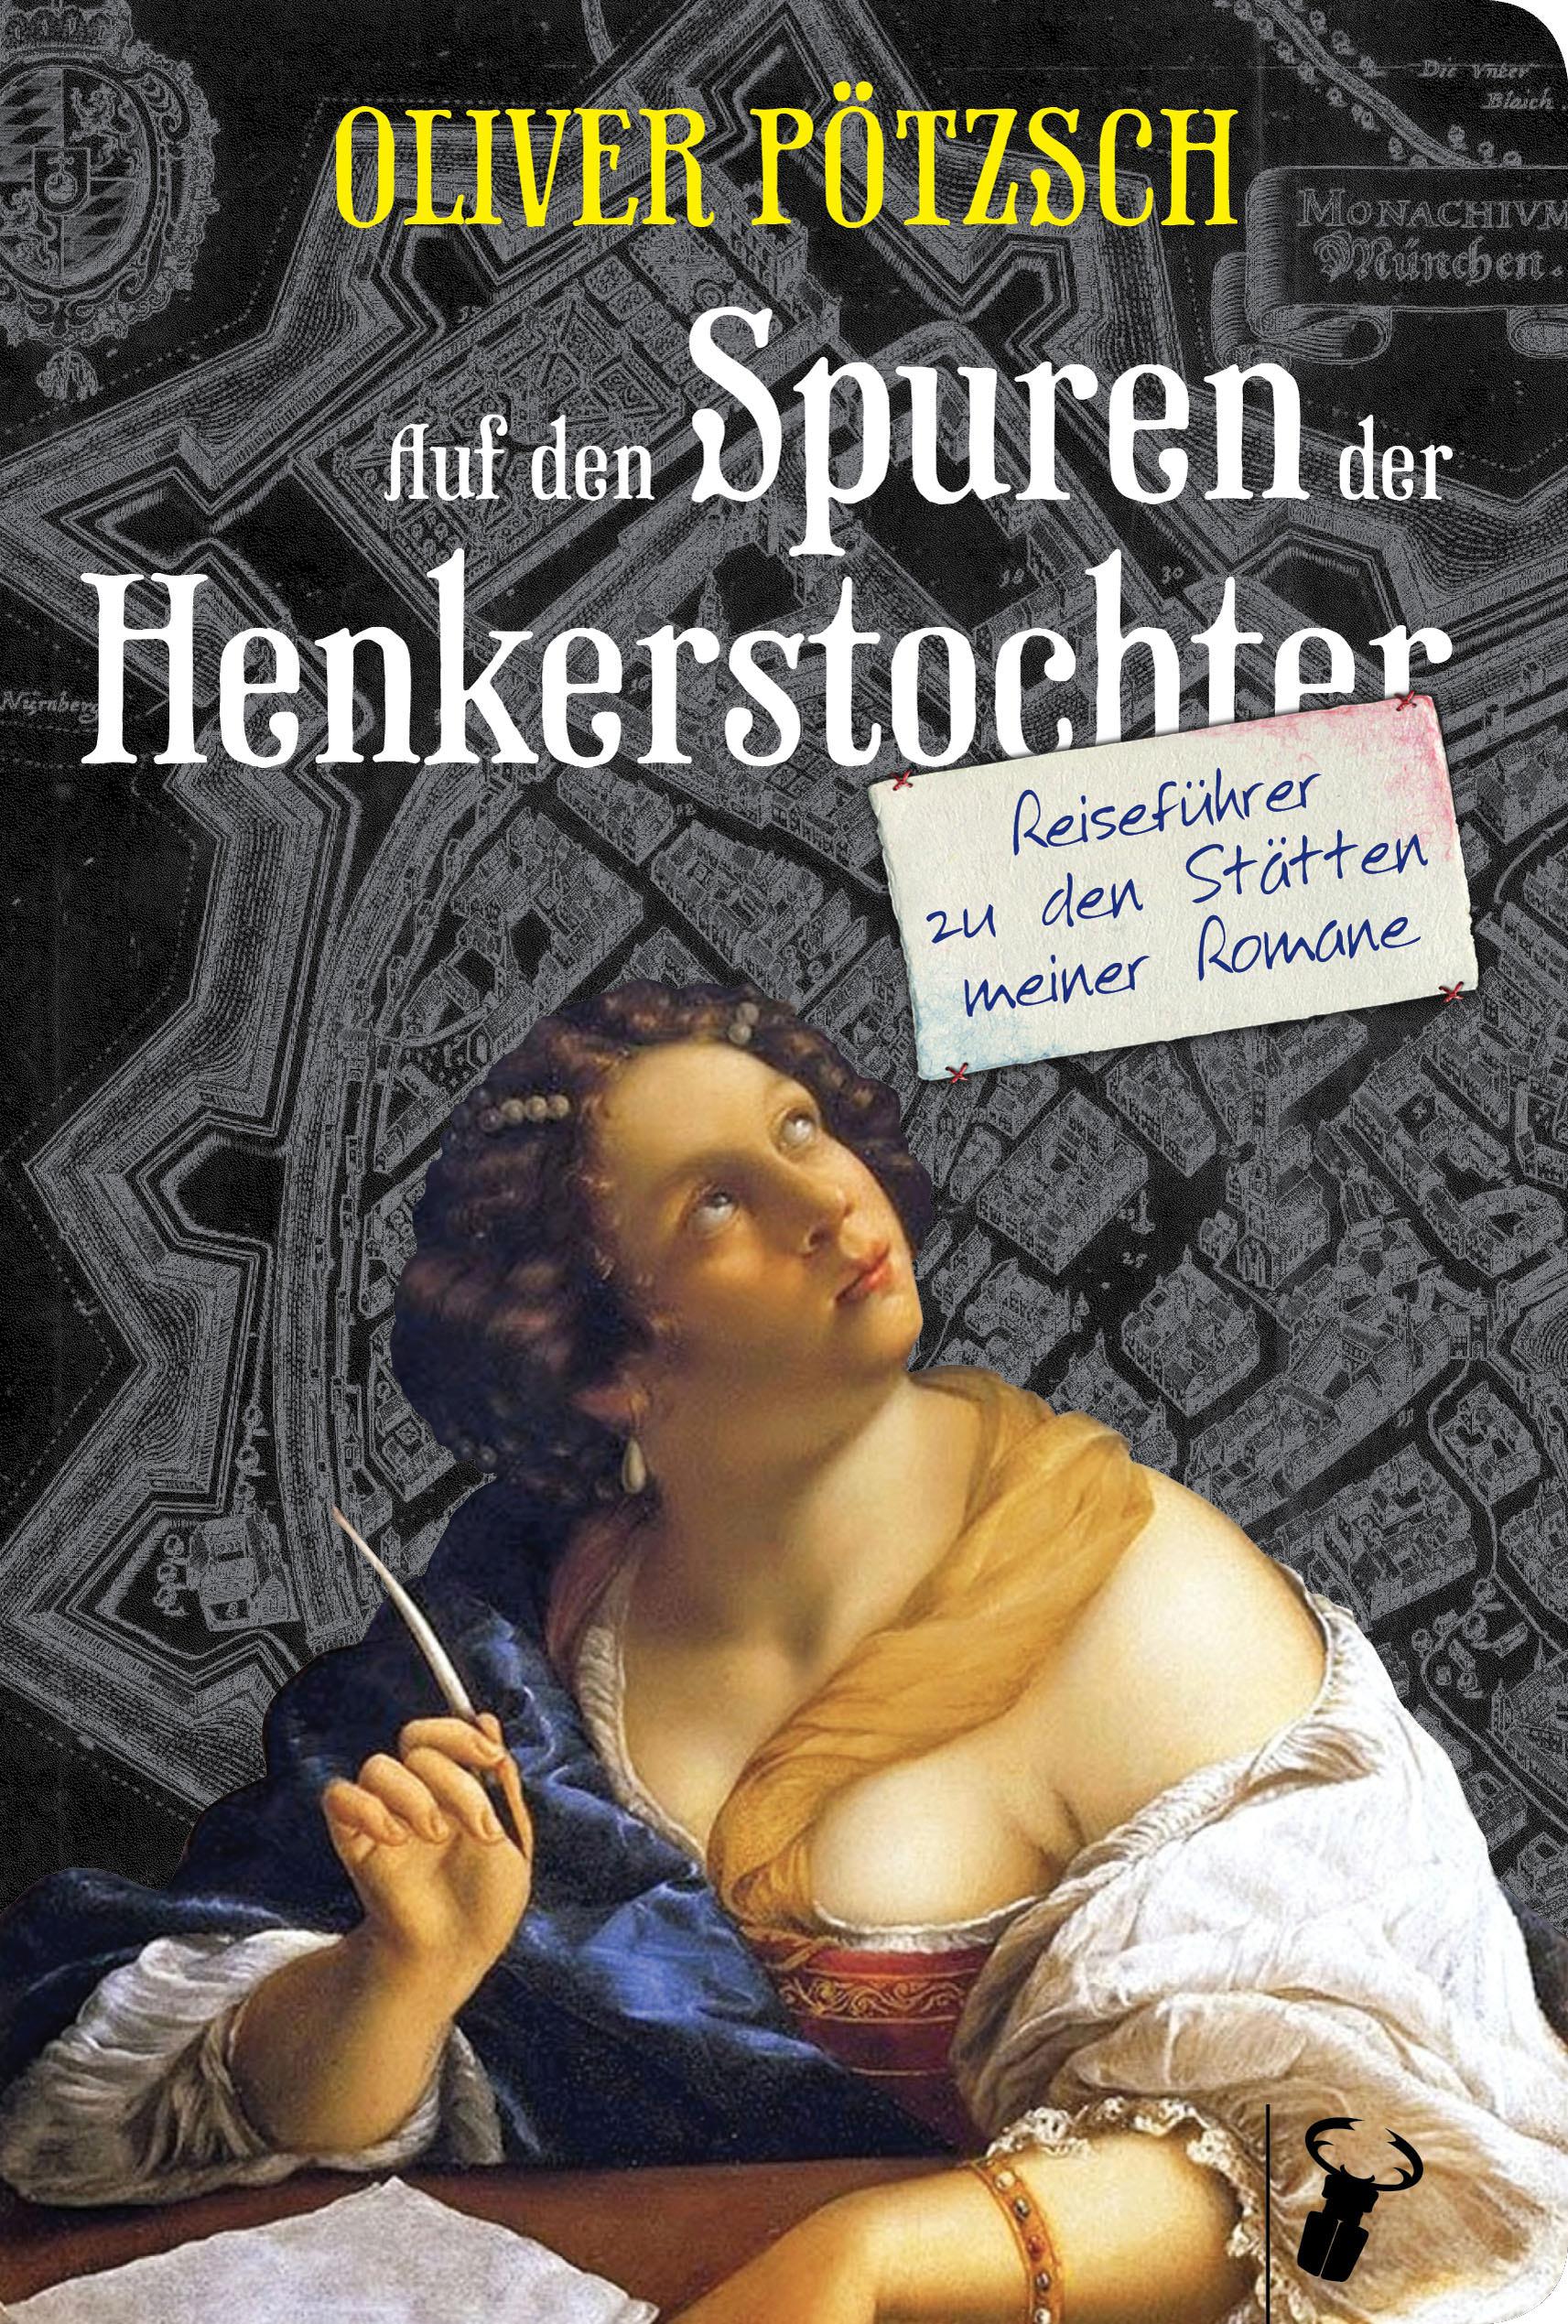 Pötzsch Oliver - Auf den Spuren der Henkerstochter